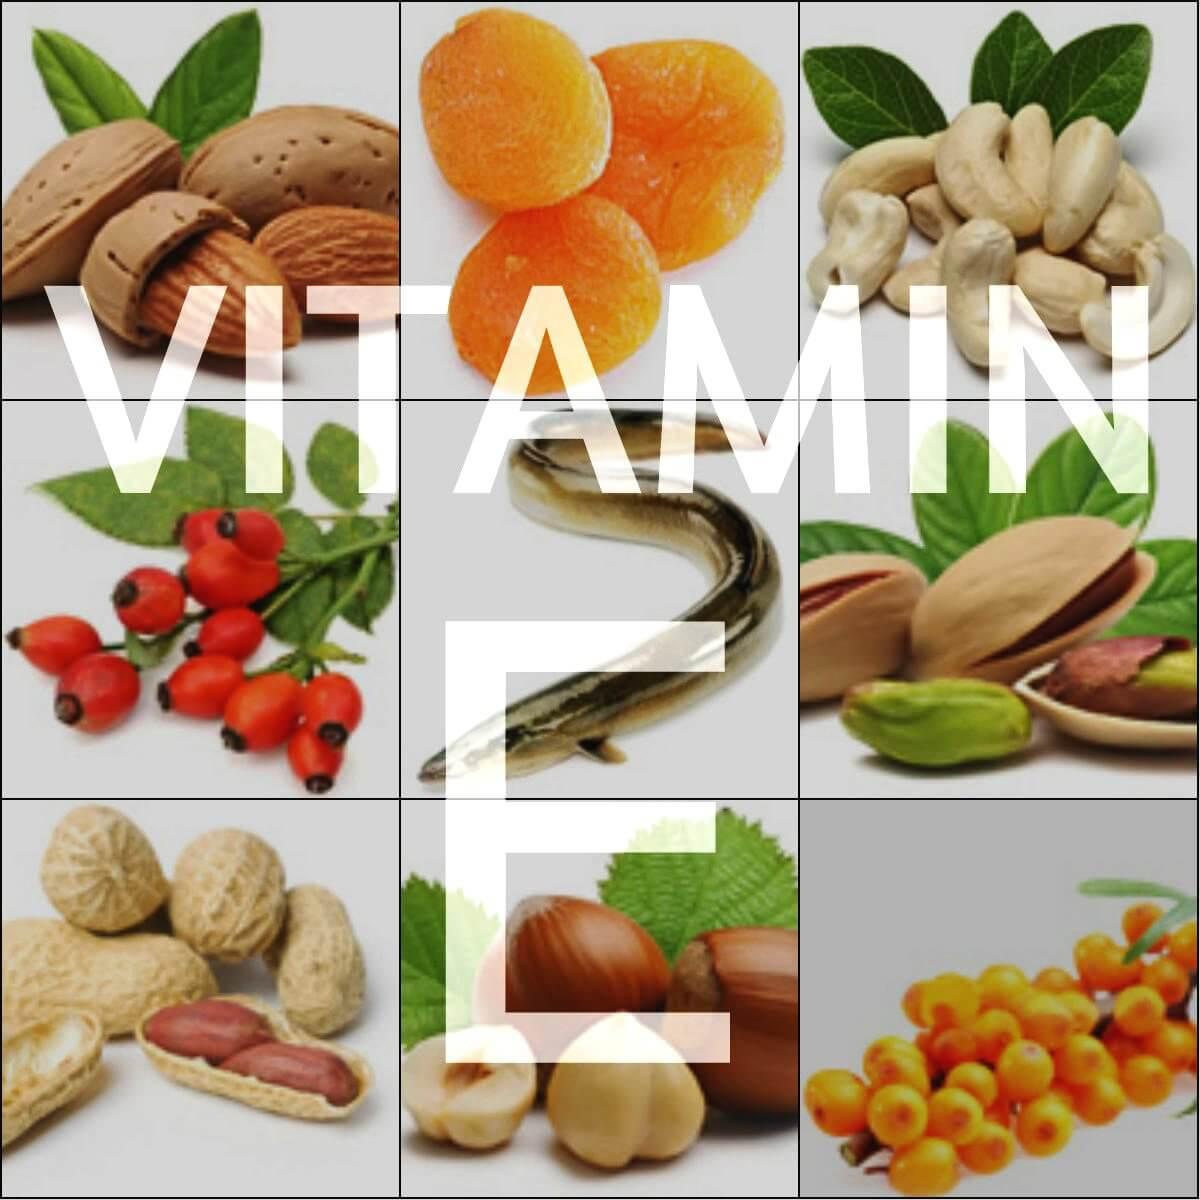 Витамин Е при планировании беременности: польза, дозировка, правила приёма